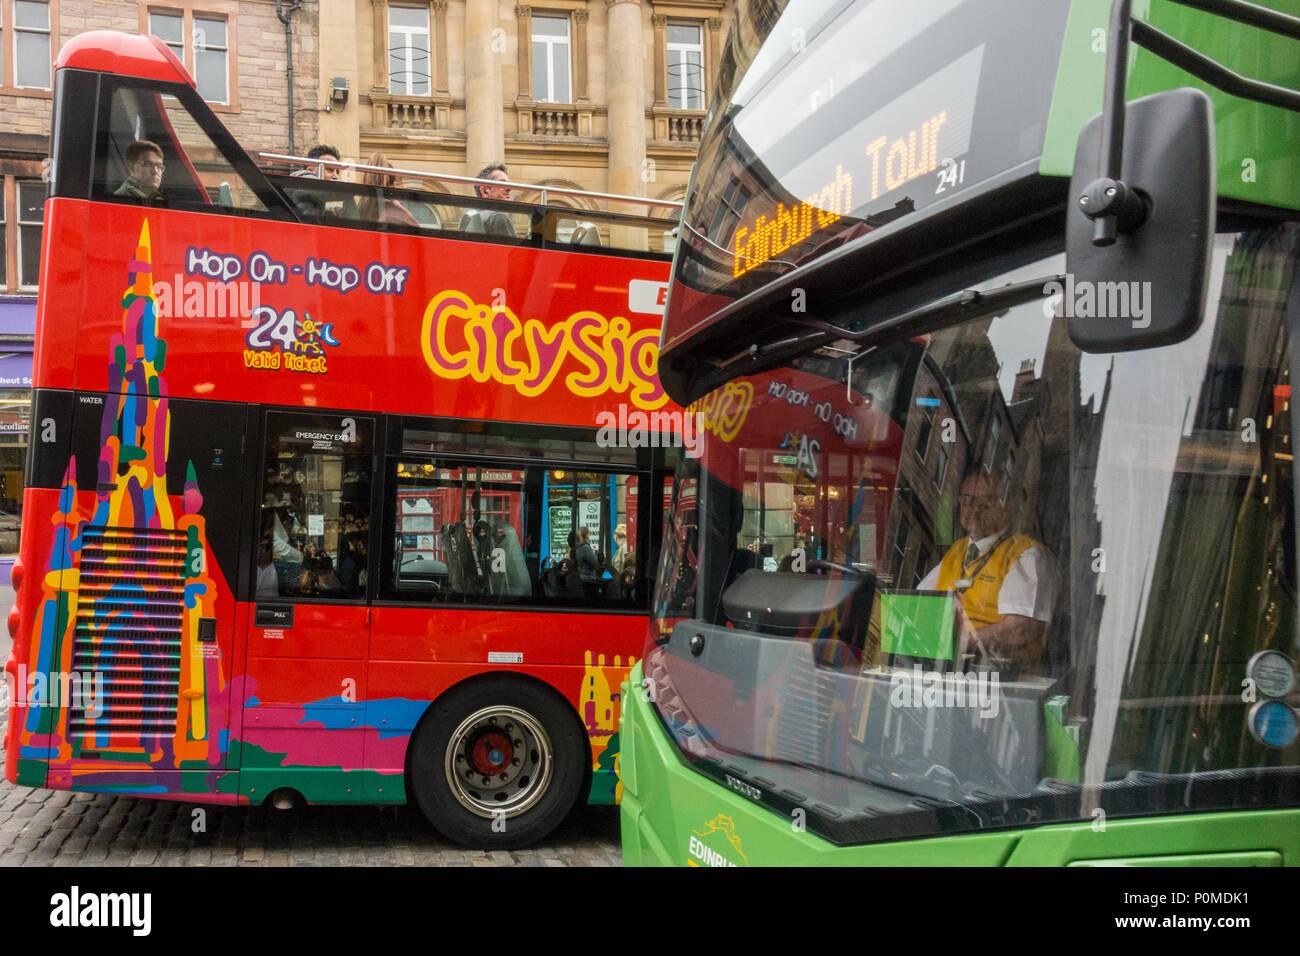 Los autobuses turísticos en el casco antiguo de Edimburgo, Escocia, Reino Unido Imagen De Stock